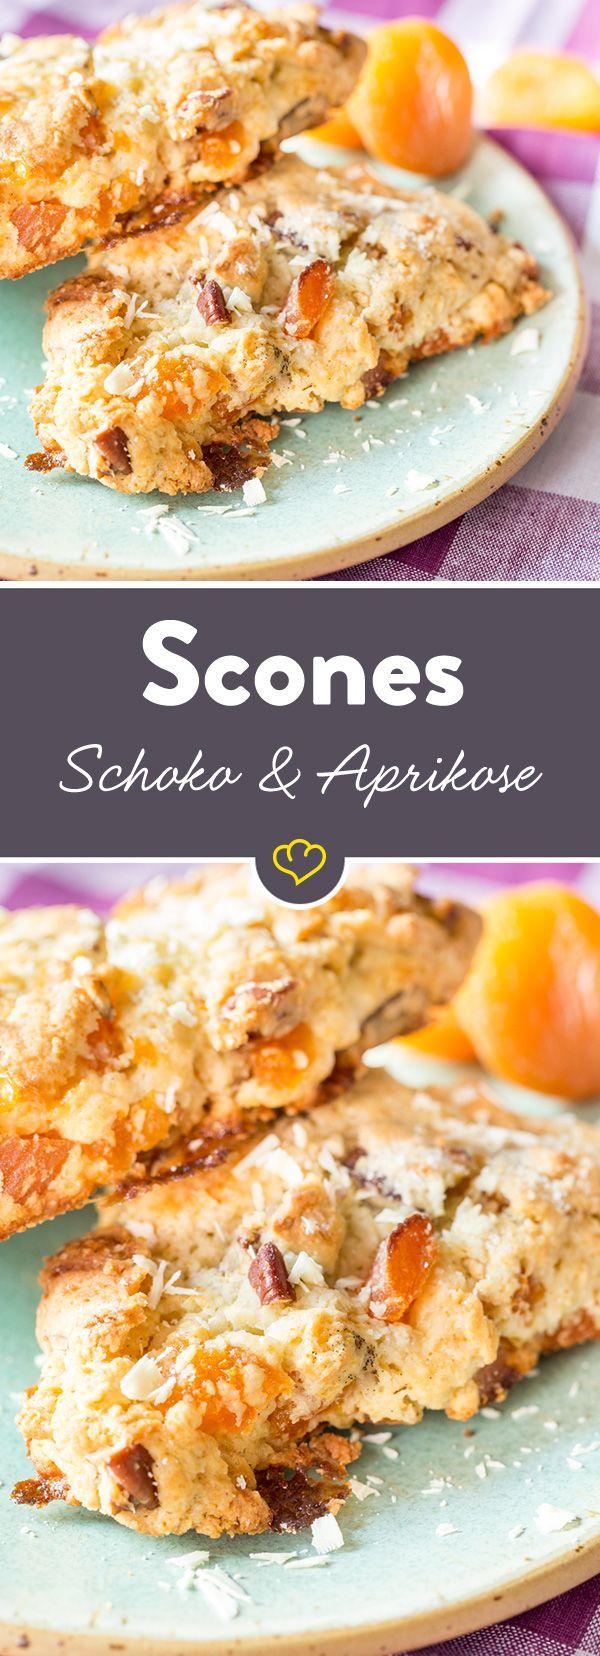 Die Kombination aus weißer Schokolade, getrockneten Aprikosen und Pekannüssen - ein Gedicht. Zu Scones gebacken und warm vernascht - ein Traum.